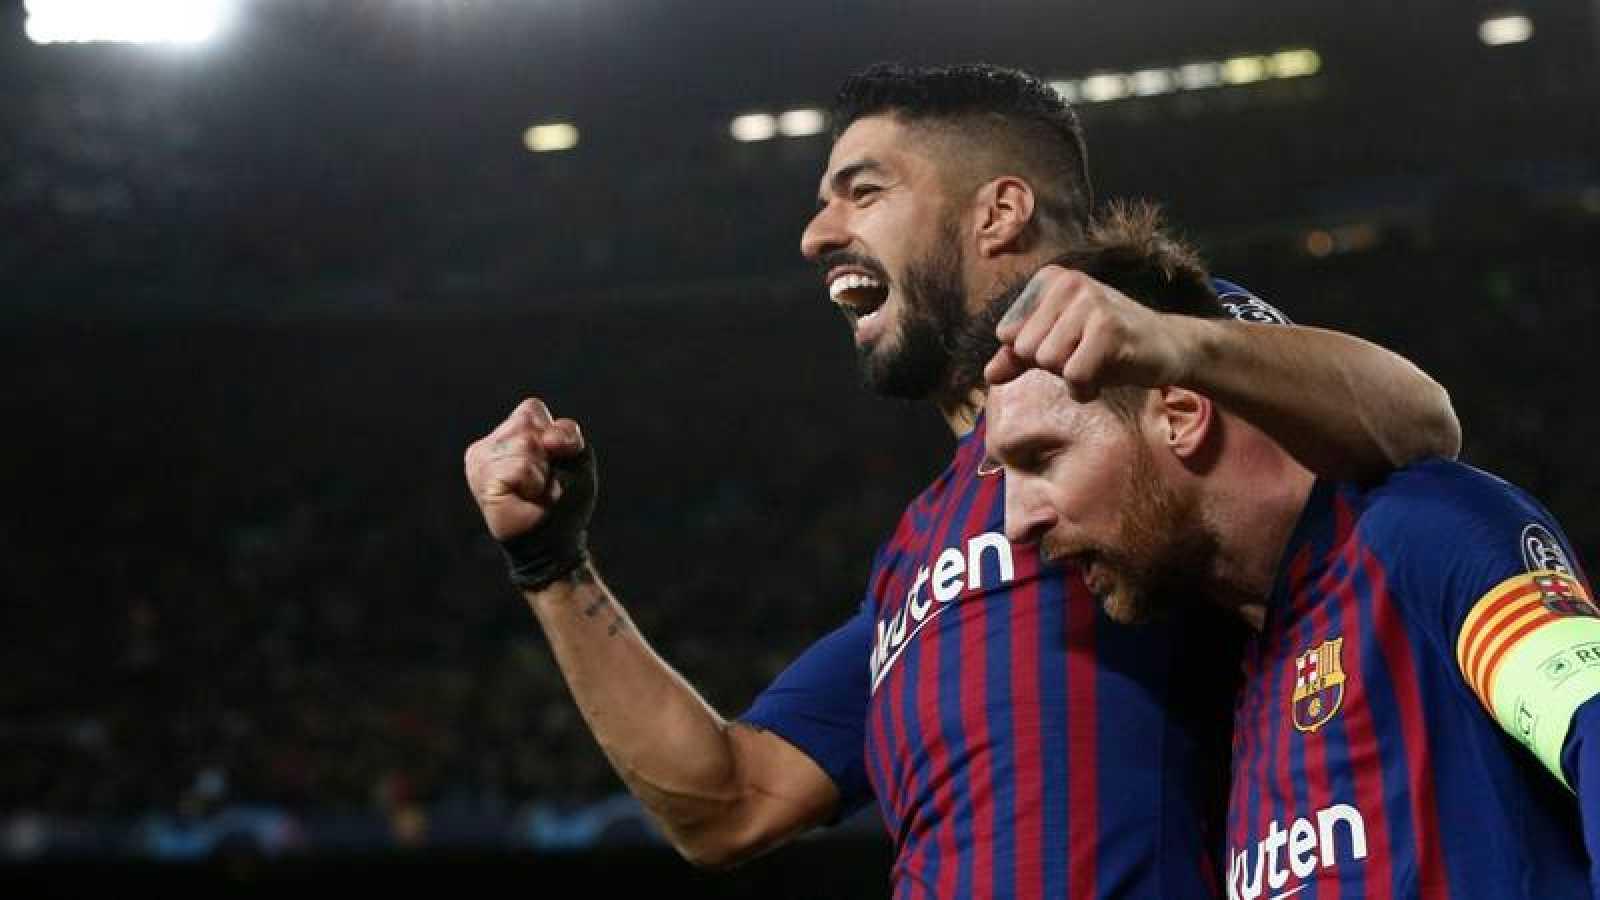 Imagen: Messi y Suárez celebran un gol